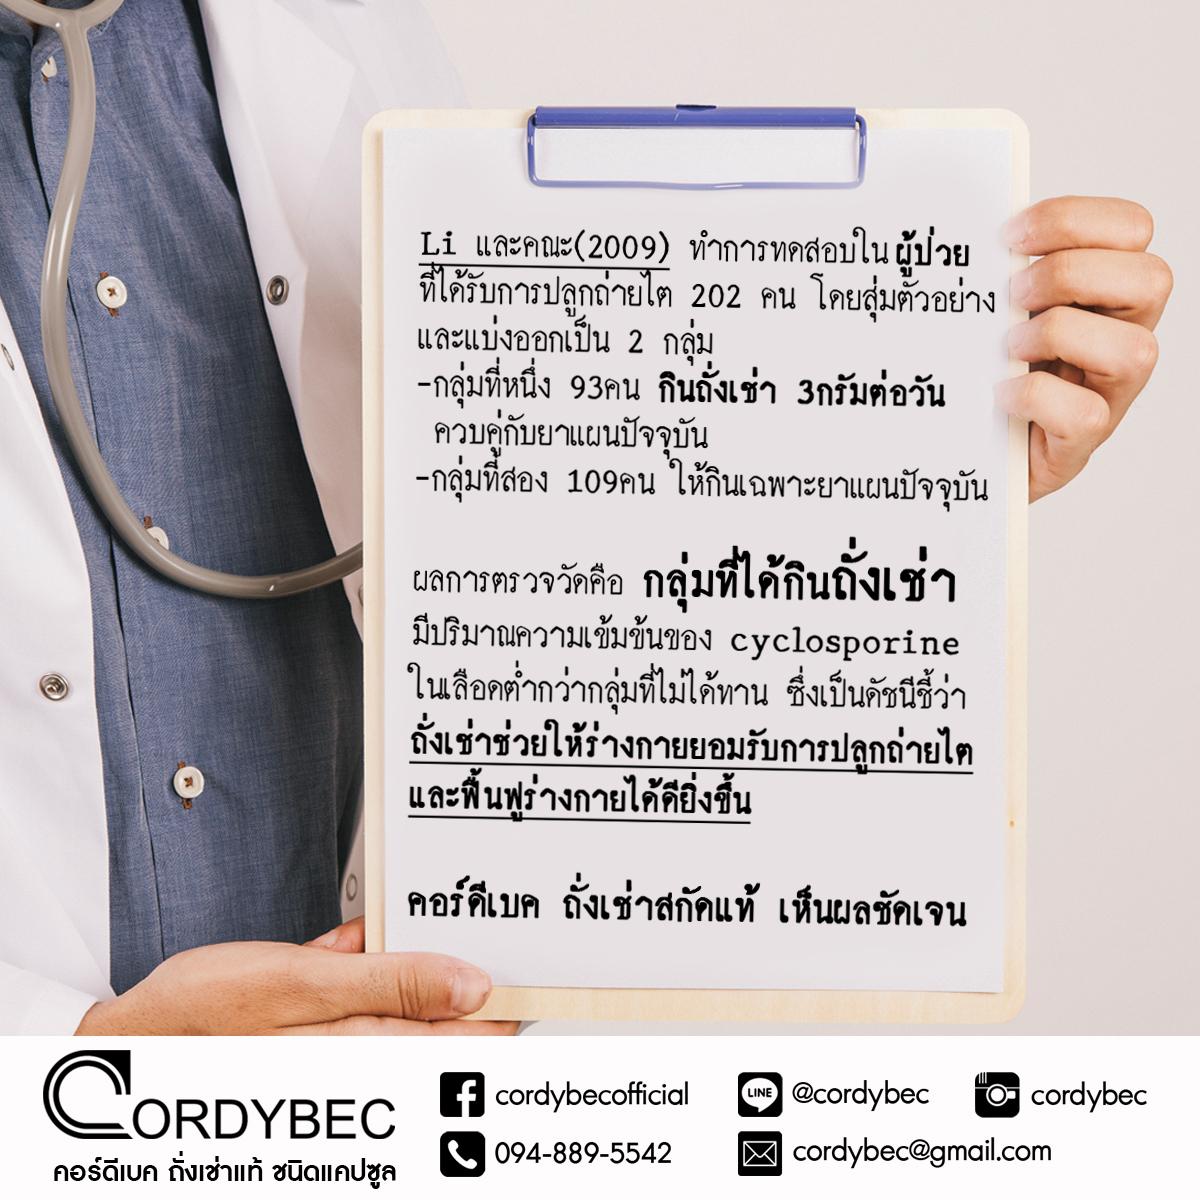 Cordybec kidney 017